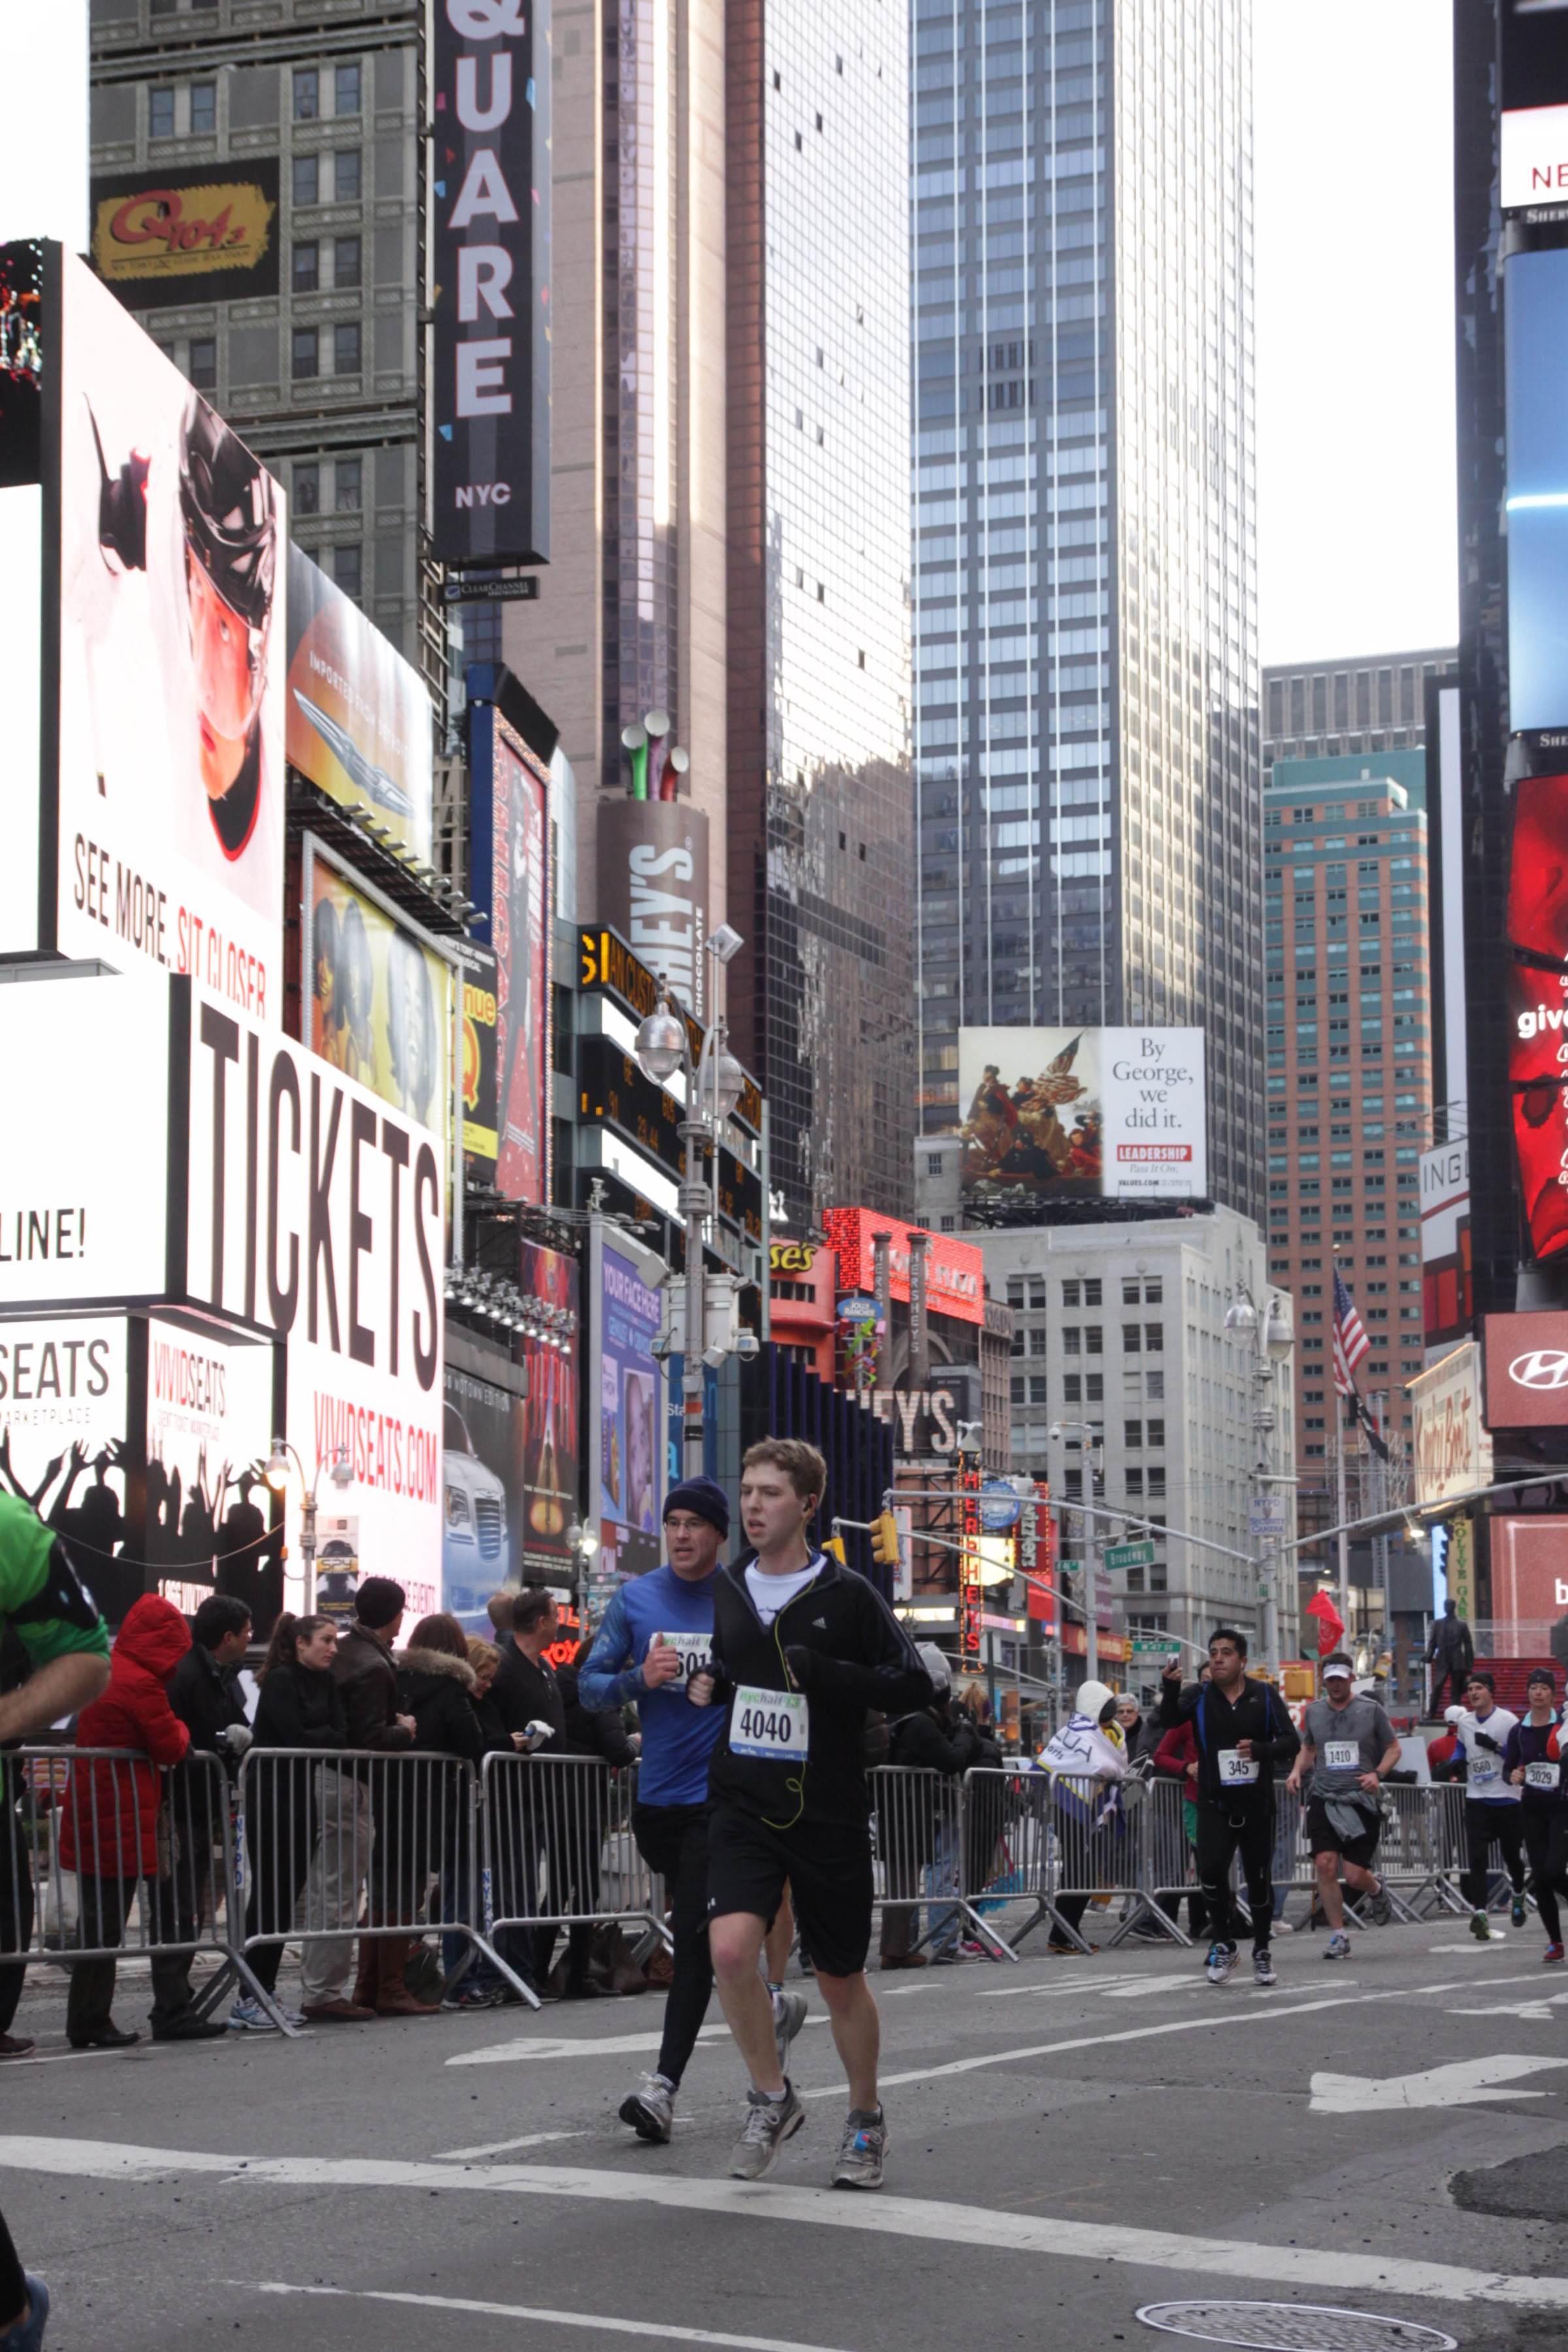 Dan Barnes in NYC